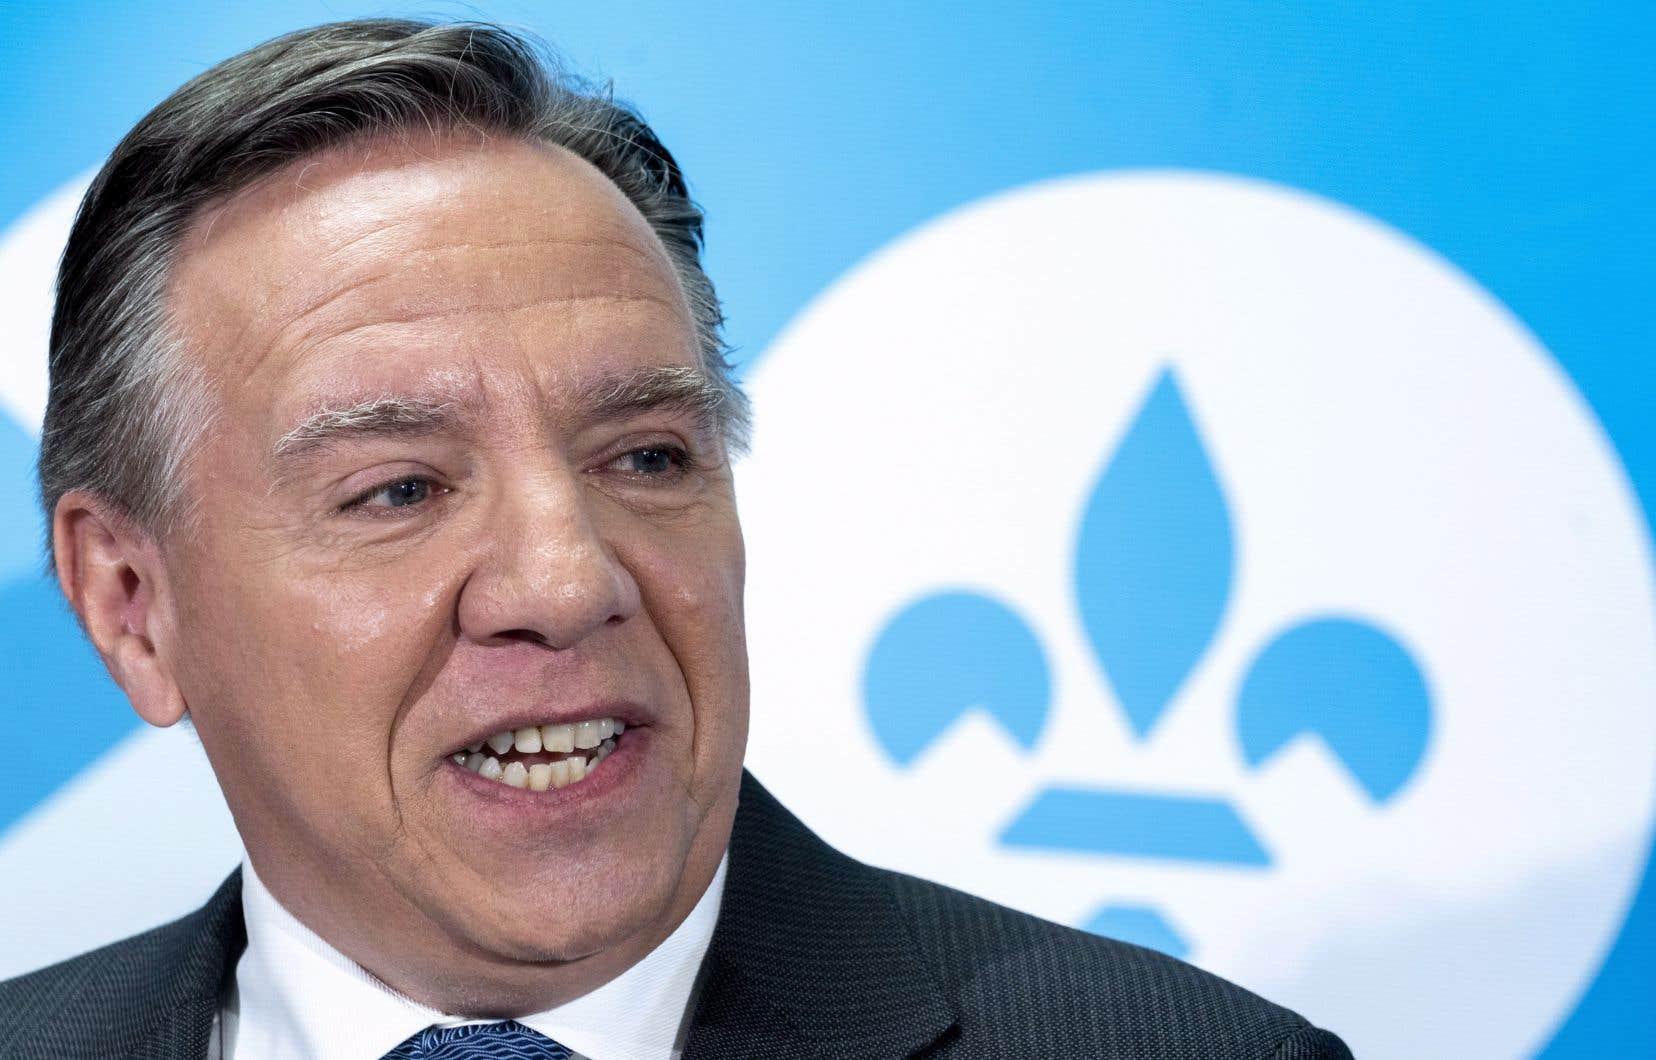 François Legault se fera sans doute un plaisir de marteler la question durant le débat s'il n'a pas de réponse d'ici là.